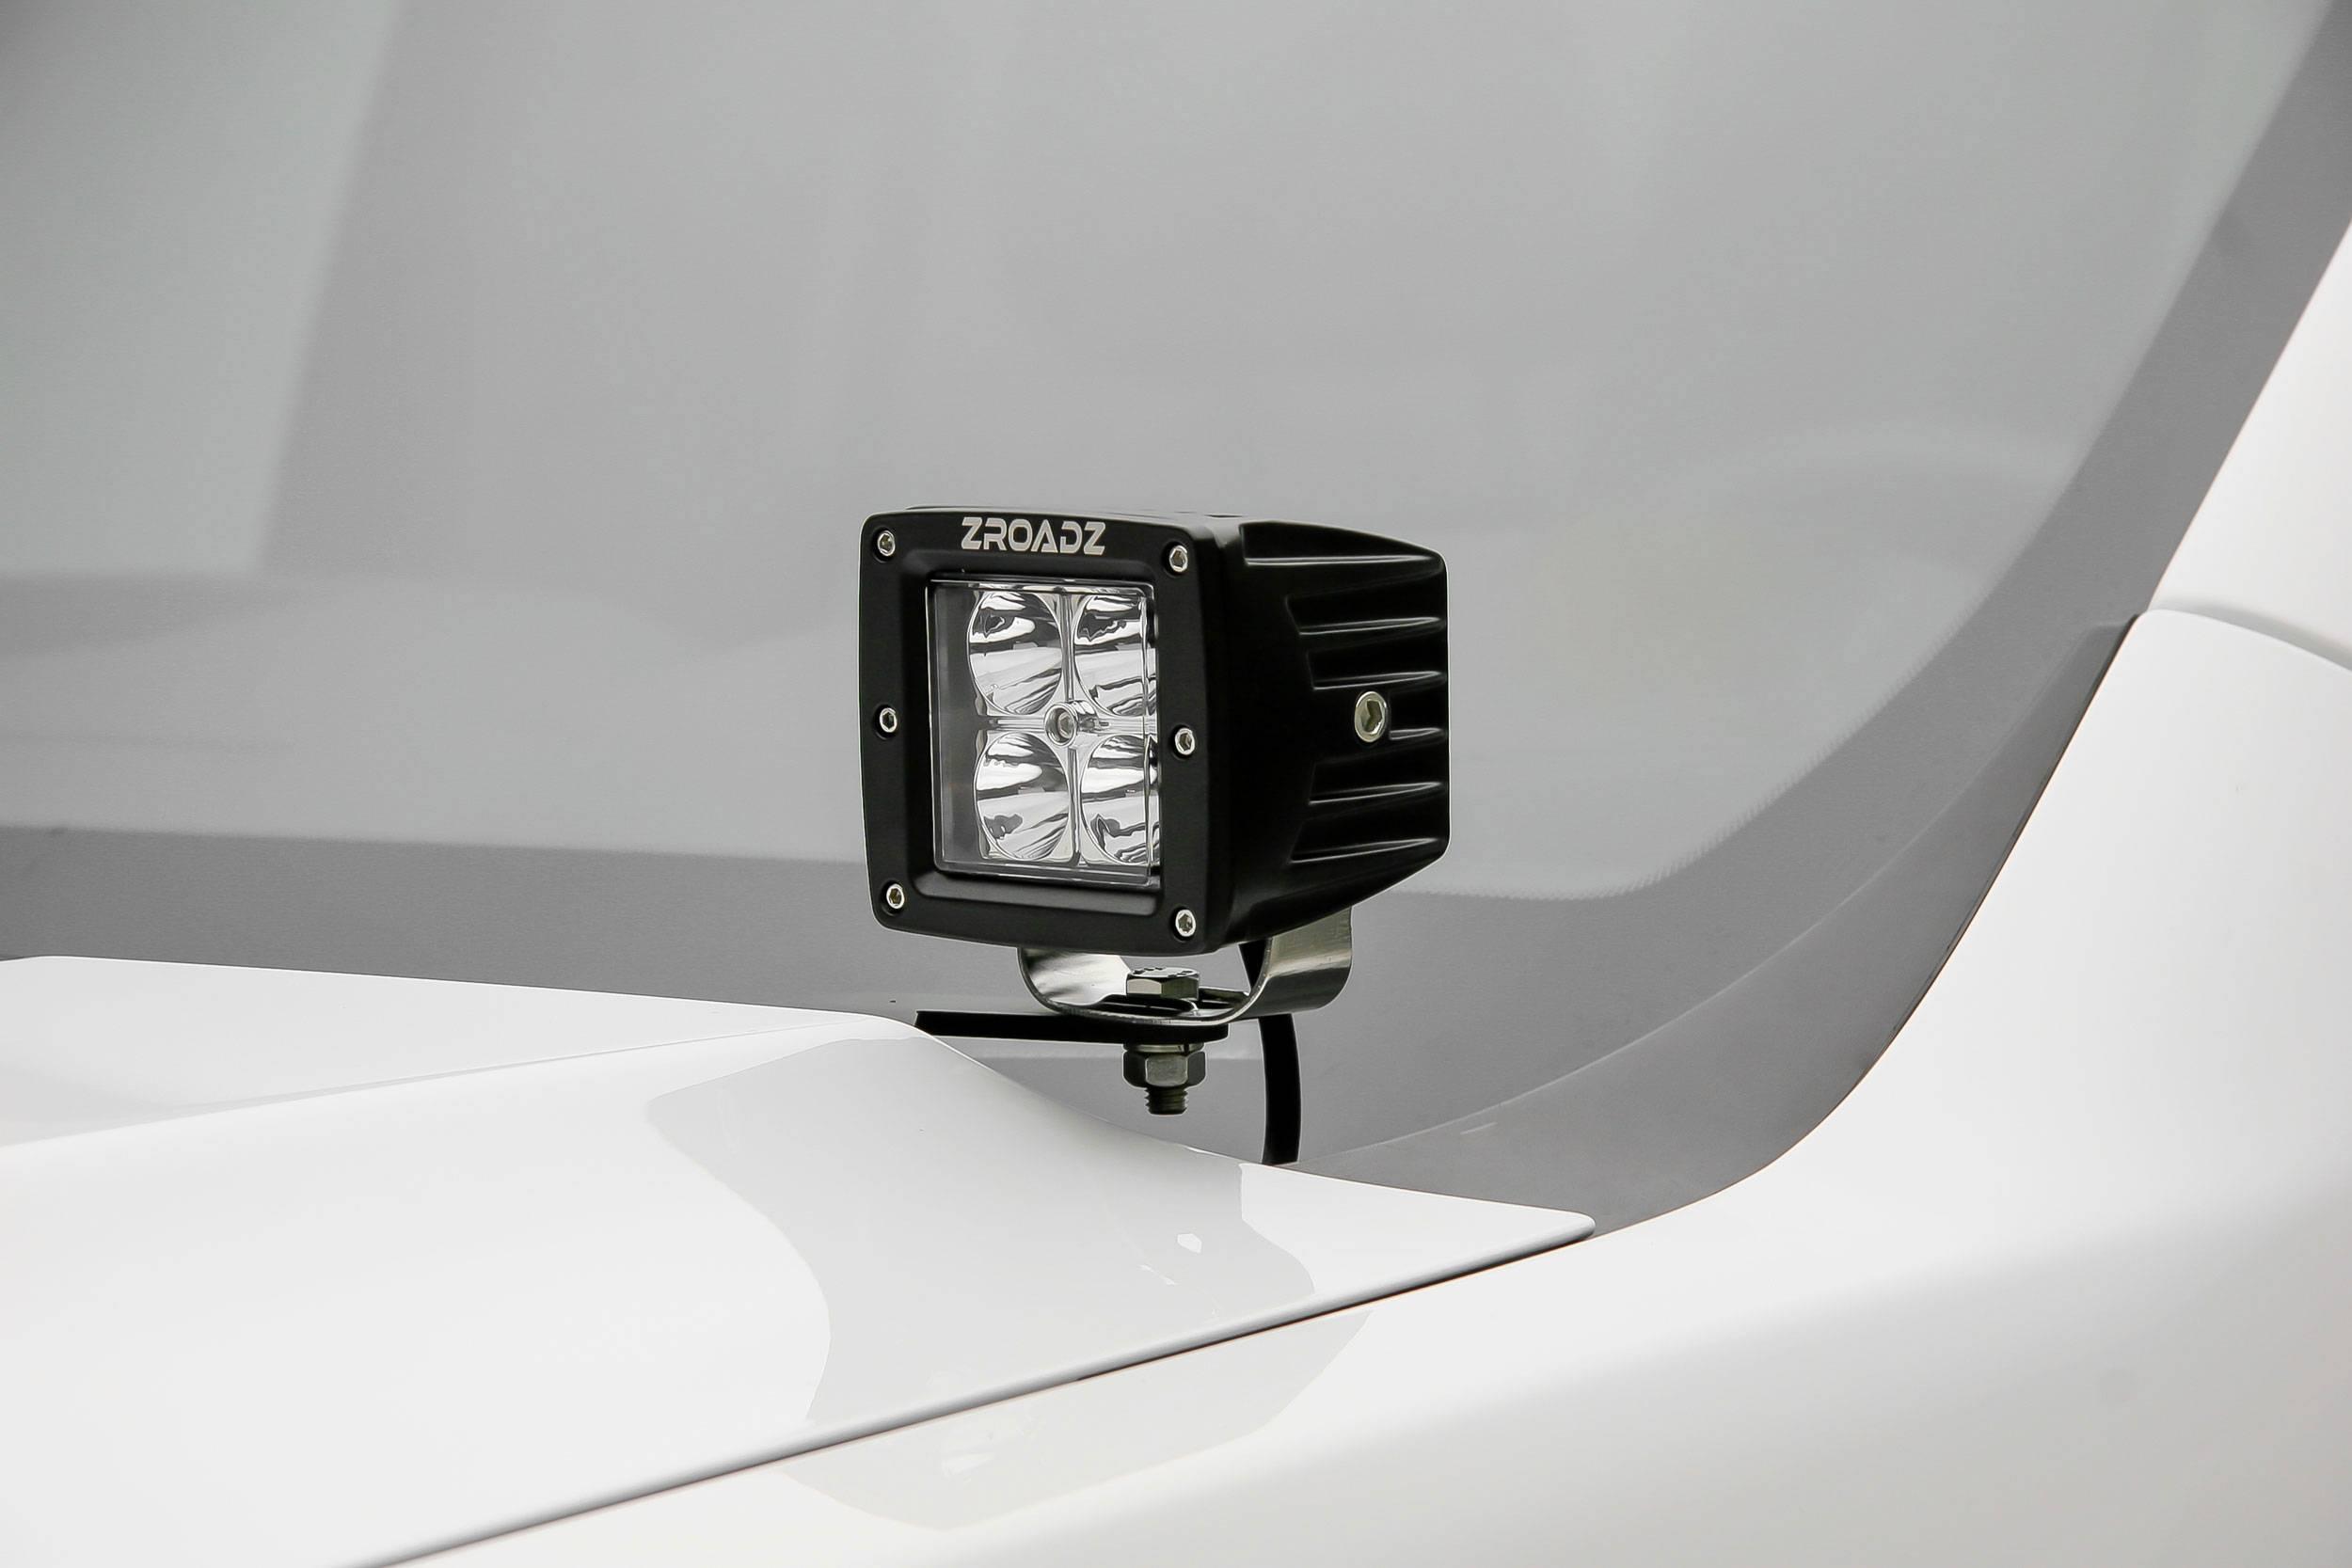 ZROADZ                                             - 2005-2015 Toyota Tacoma Hood Hinge LED Kit with (2) 3 Inch LED Pod Lights - PN #Z369381-KIT2